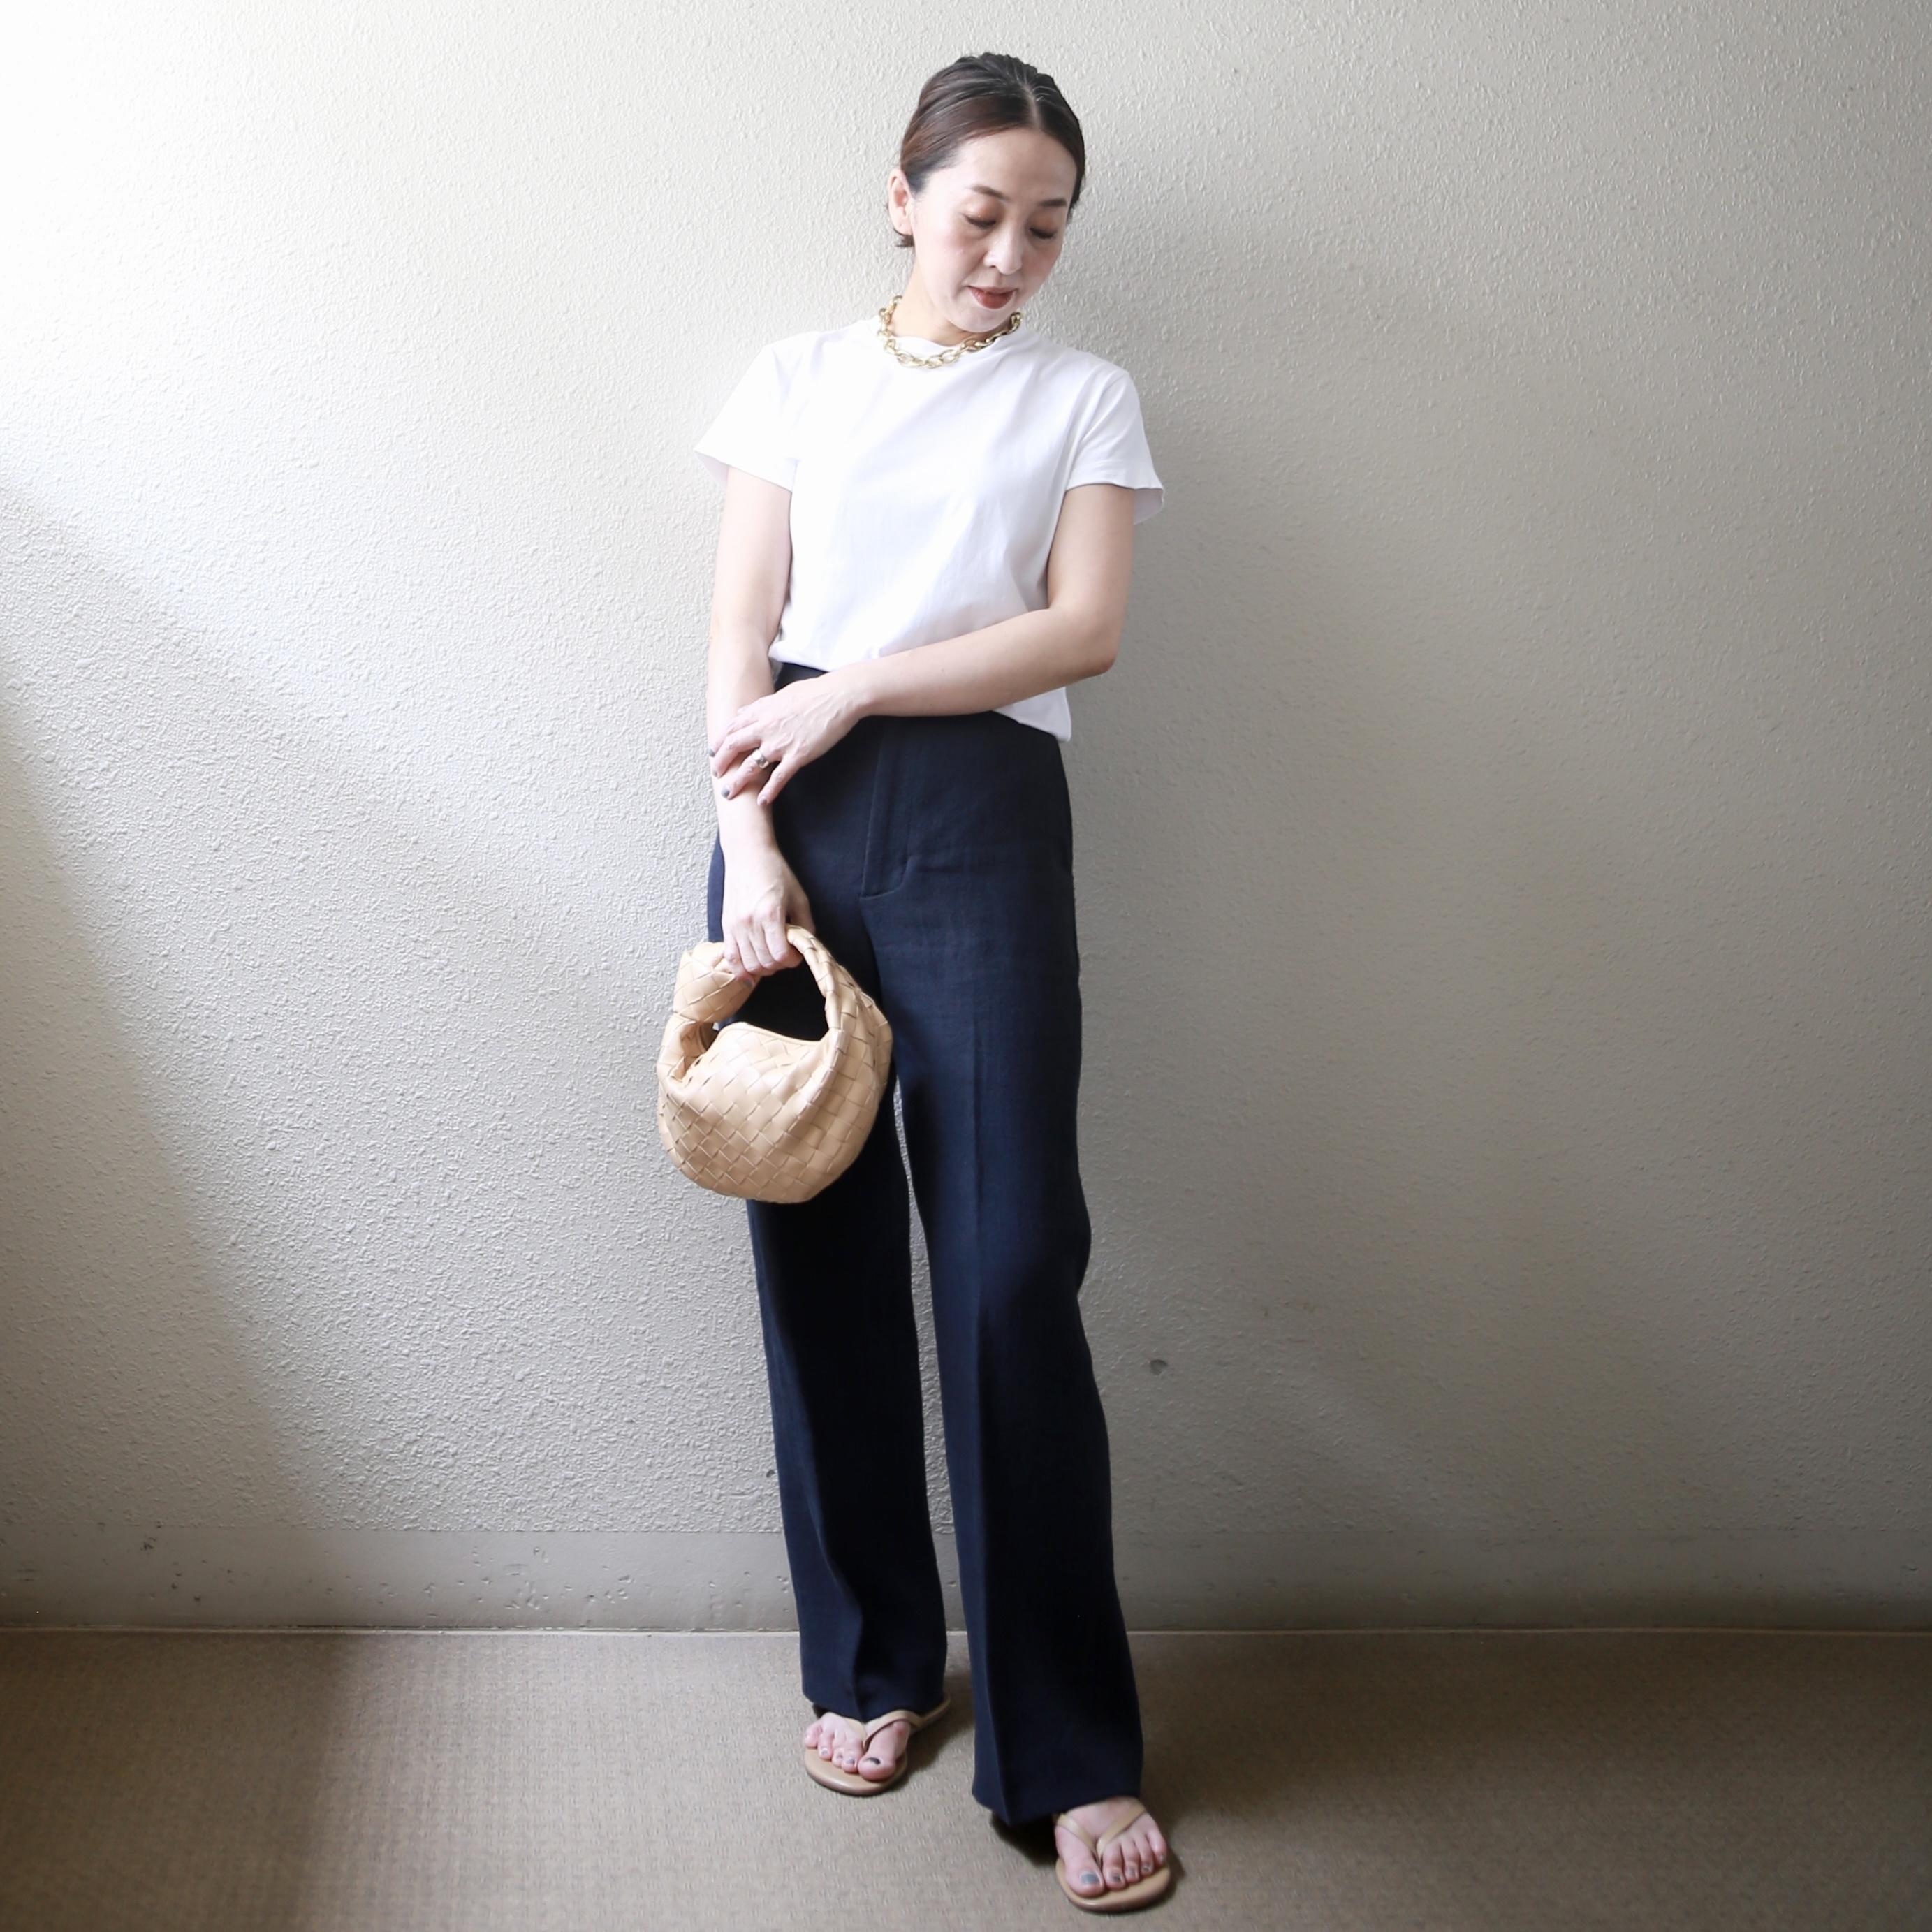 定番「白Tシャツ」の着こなしを更新! アラフォーがこなれて見えるコーデ術まとめ 40代ファッション_1_16